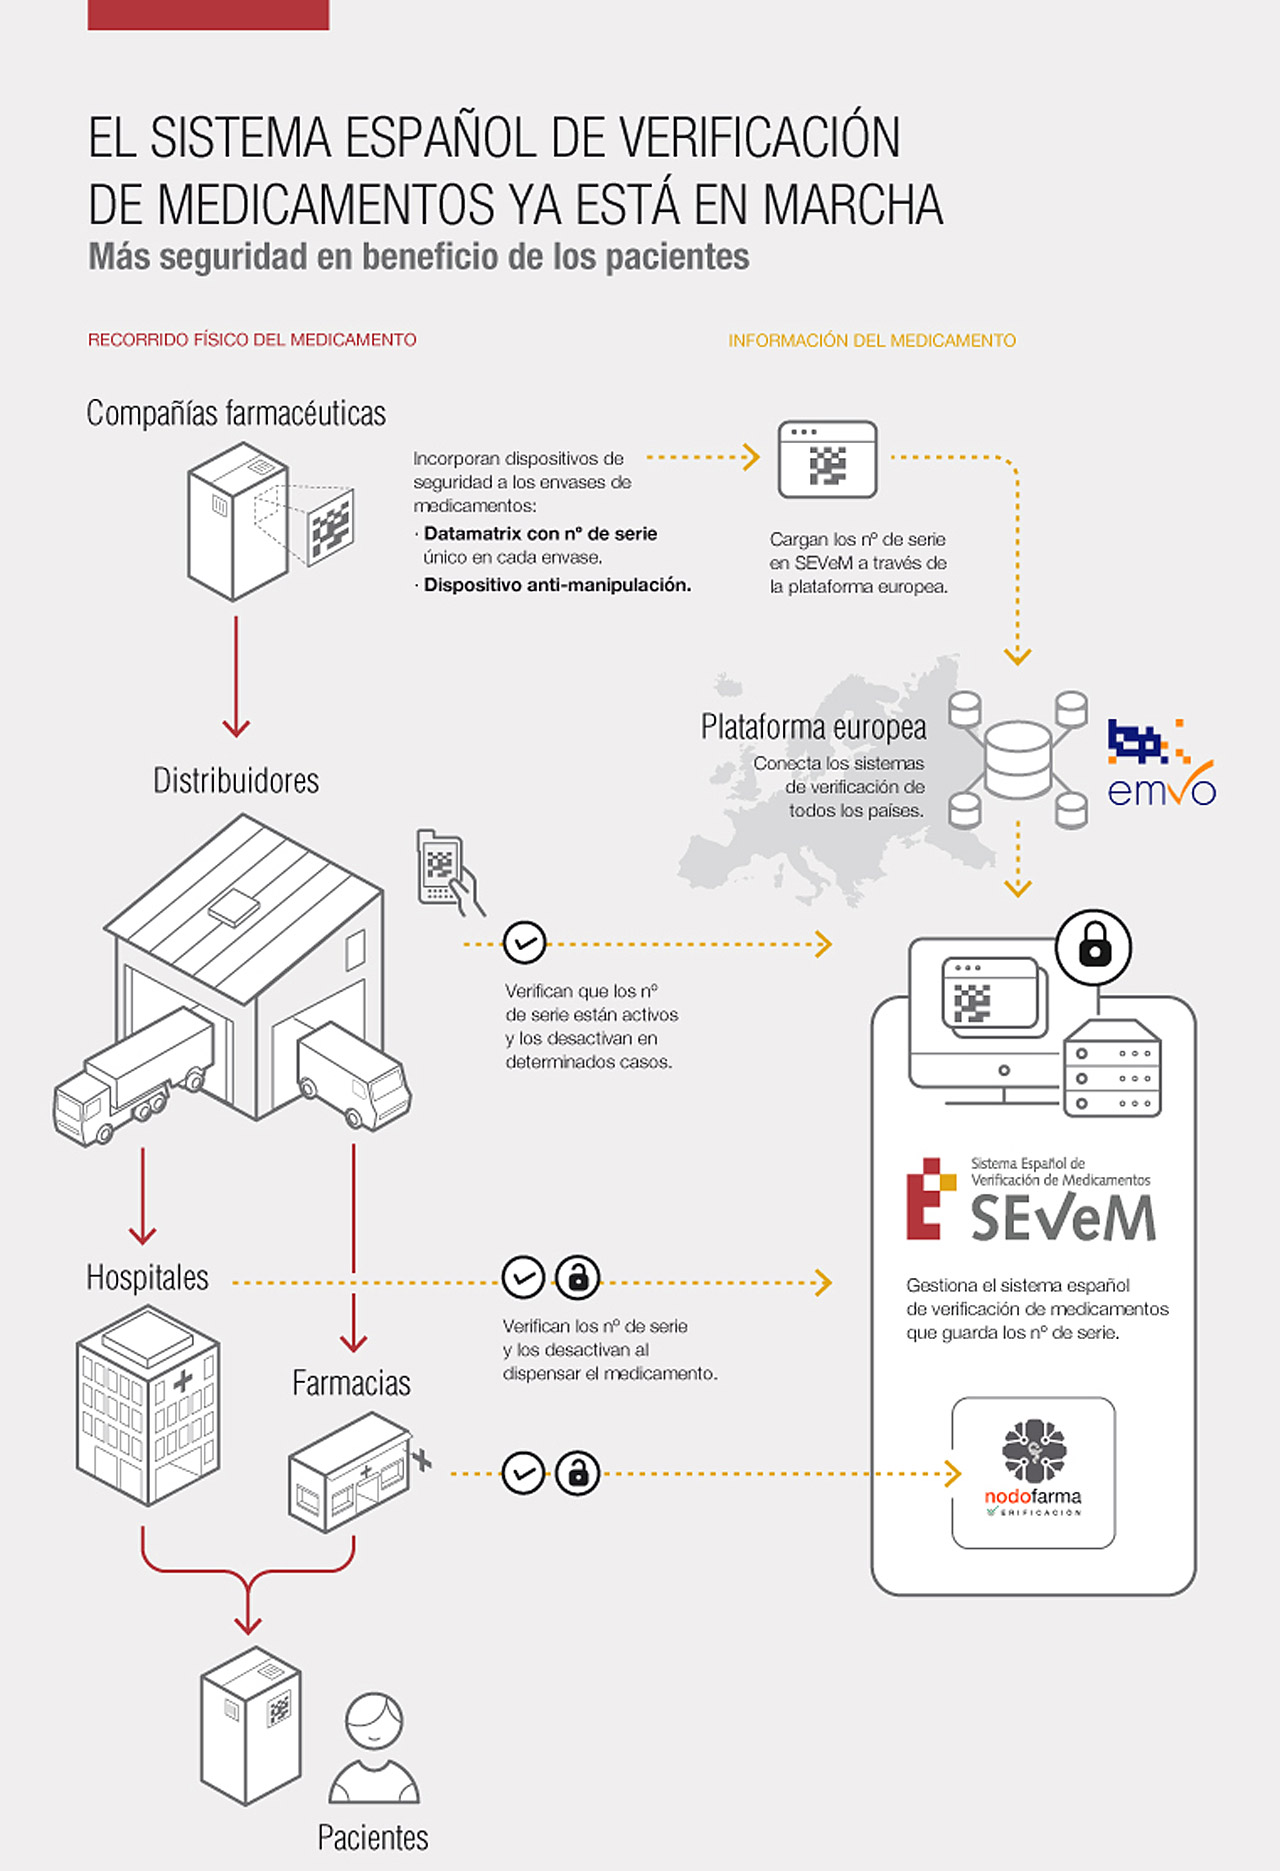 Circuito del Sistema Español de Verificación de Medicamentos.